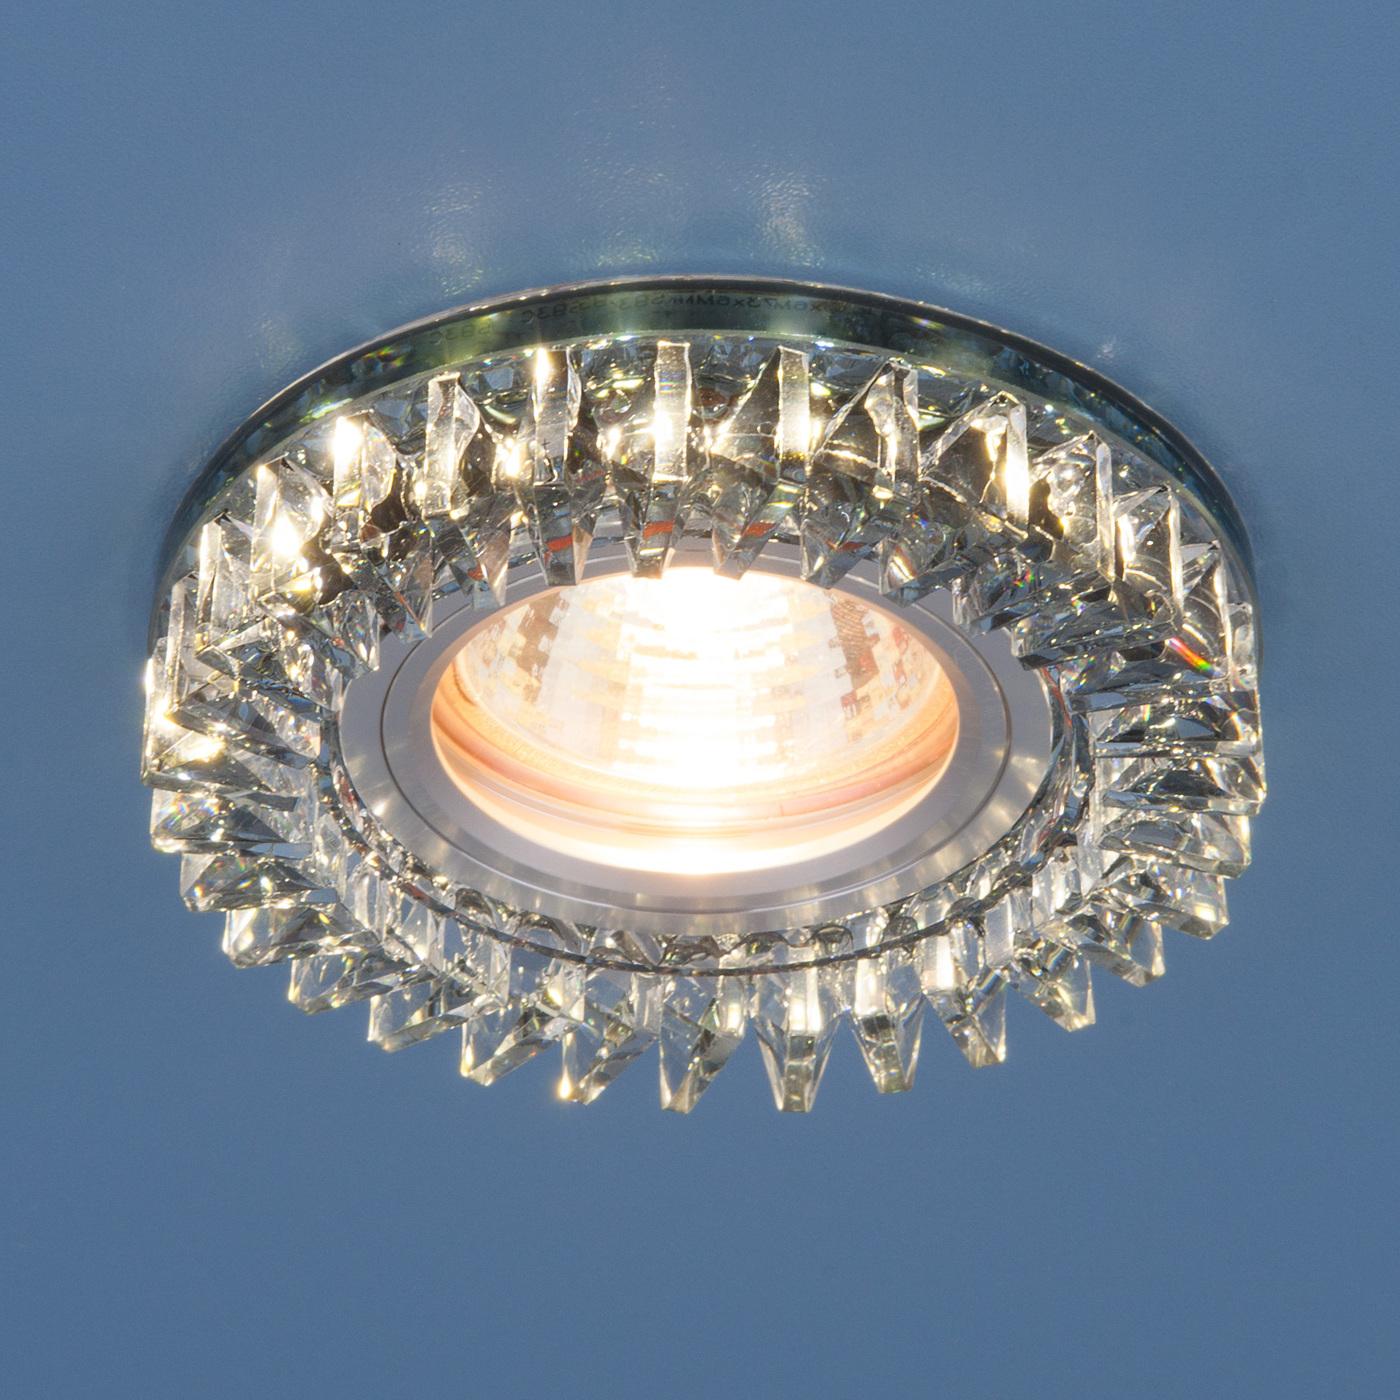 цены на Встраиваемый светильник Elektrostandard точечный с LED подсветкой 2216 MR16 SBK, G5.3 в интернет-магазинах